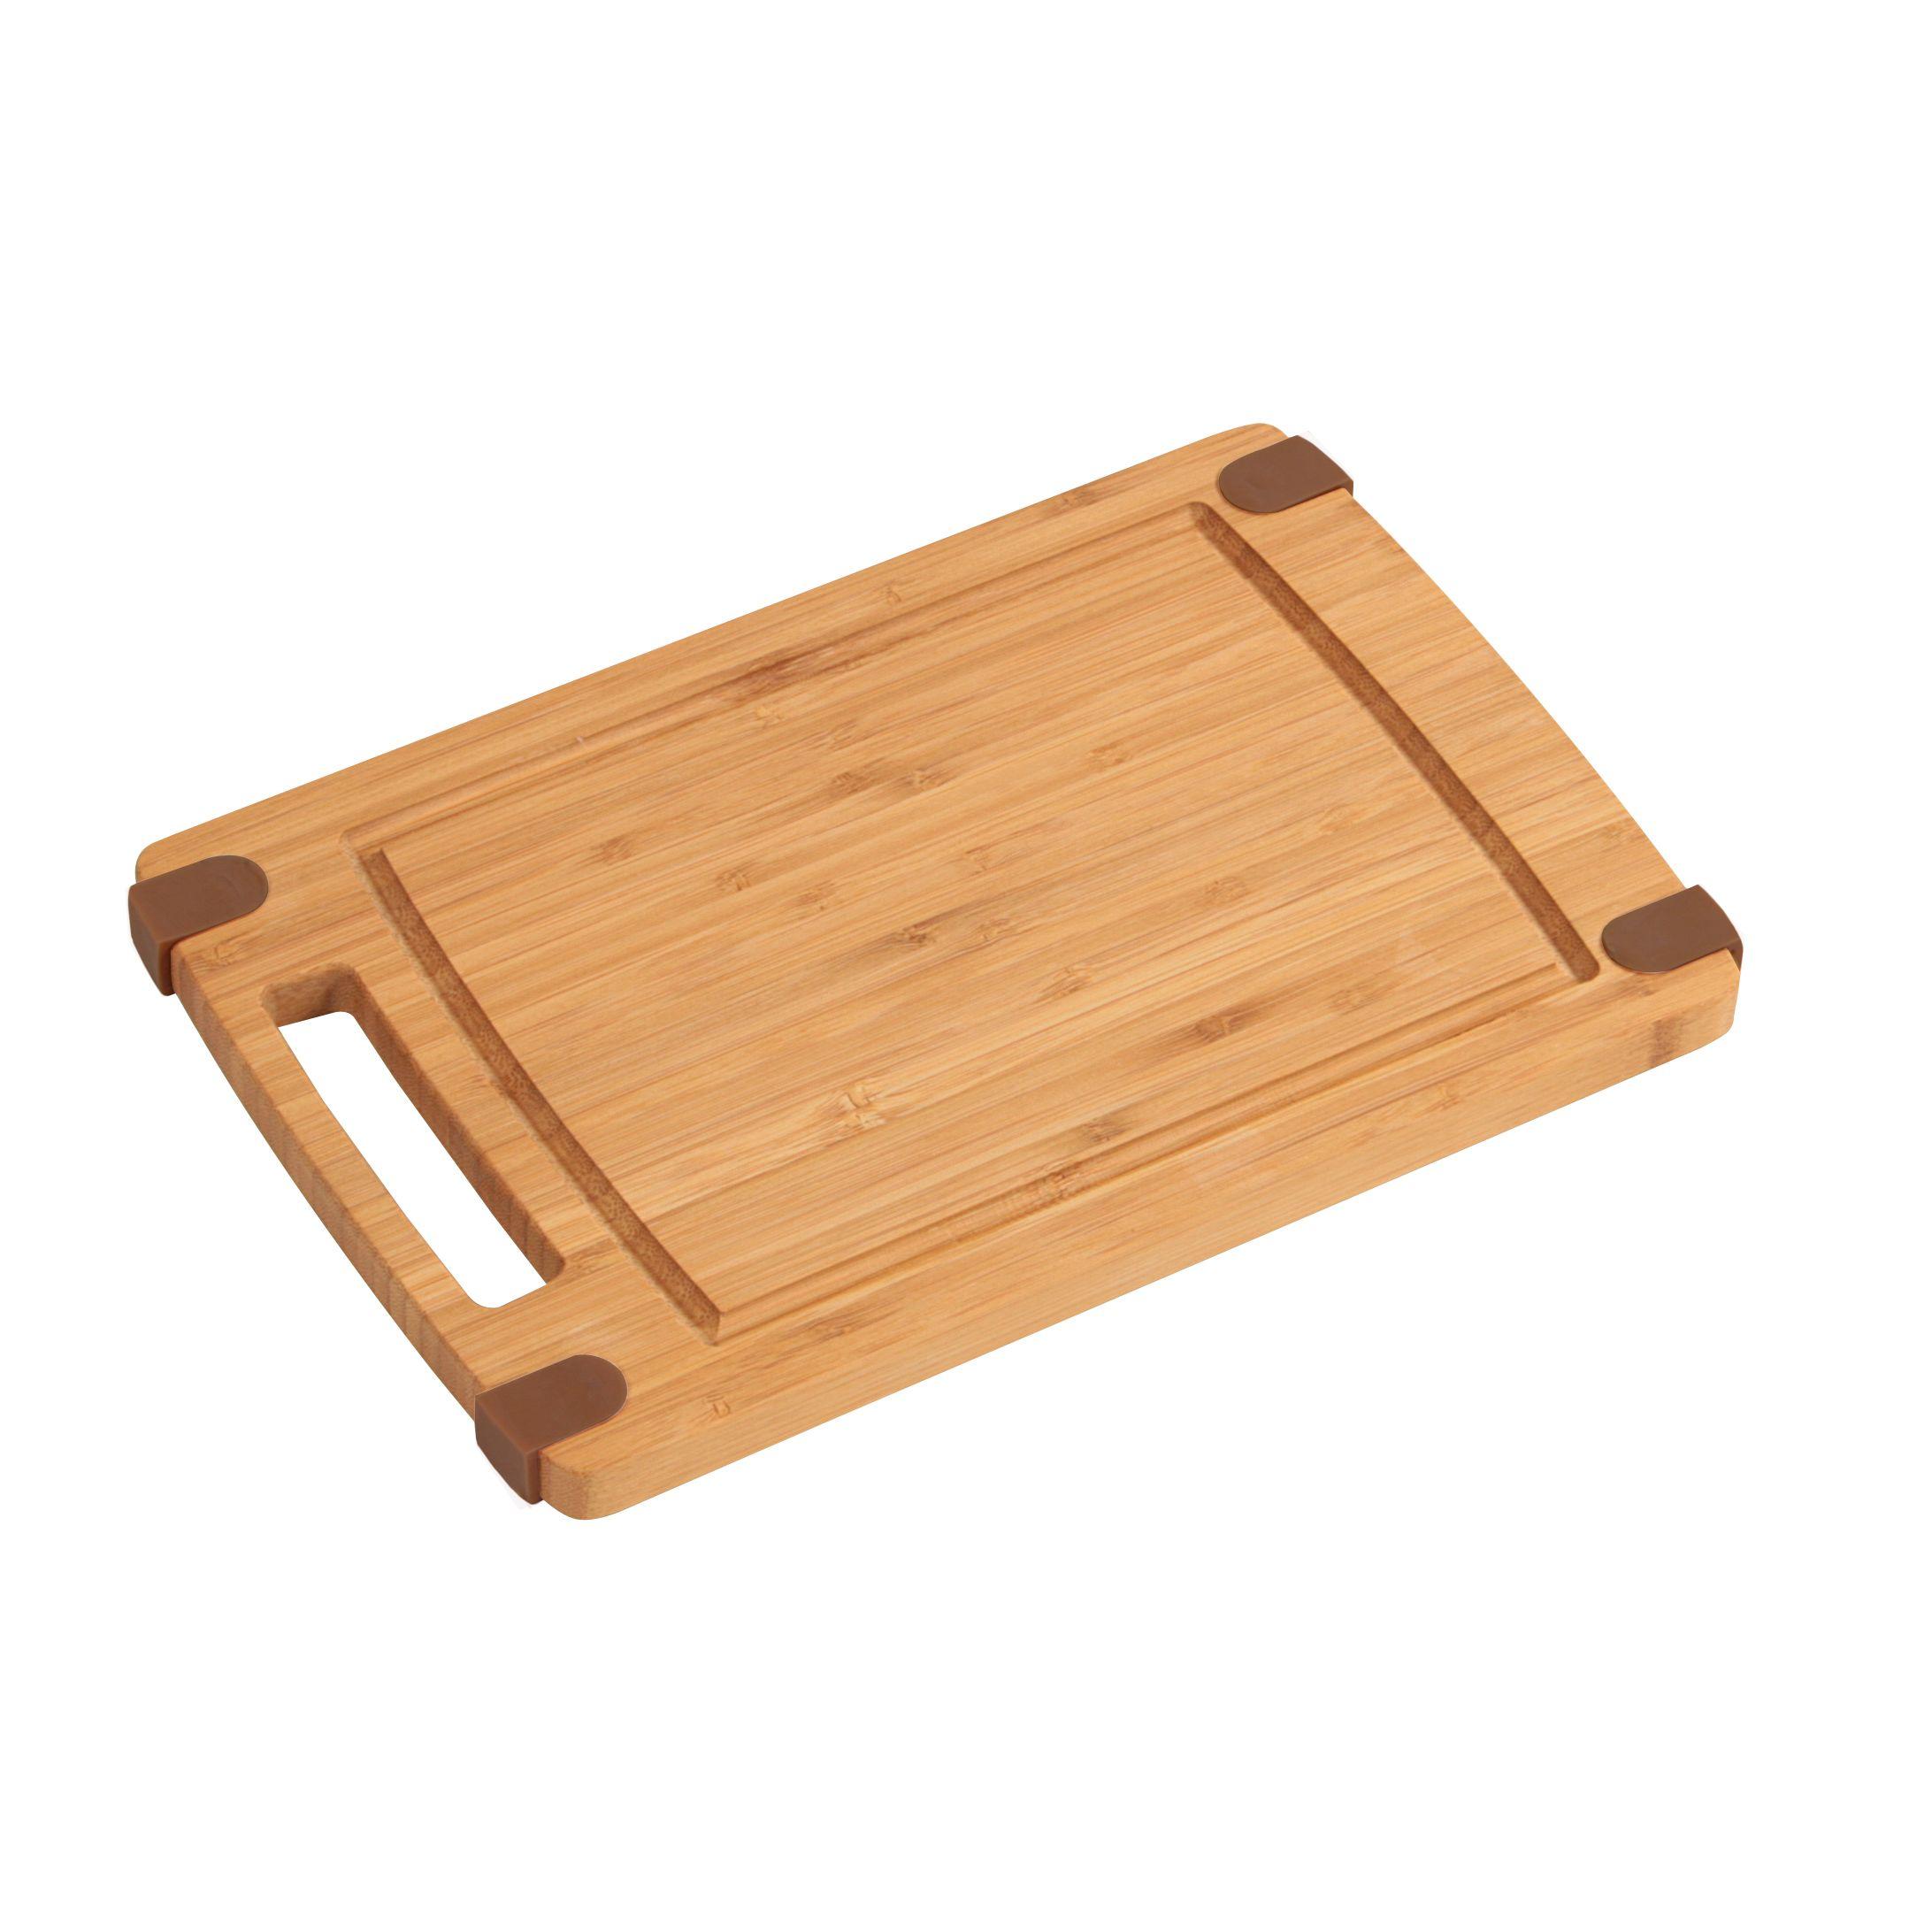 Доска разделочная 32х21х1,6 смДоска разделочная Кеспер – отличный выбор для любой кухни, поскольку она изготовлена из натурального бамбукового дерева. Такое решение позволит сохранить остроту металлических ножей. Разделывать большинство продуктов значительно удобнее на деревянной поверхности, чем на металлической или пластиковой. Доска Кеспер – оптимальный выбор для разделки мяса и овощей. Это экологичное изделие, за которым просто ухаживать. Деревянная доска эстетично выглядит и может служить украшением интерьера кухни.<br>